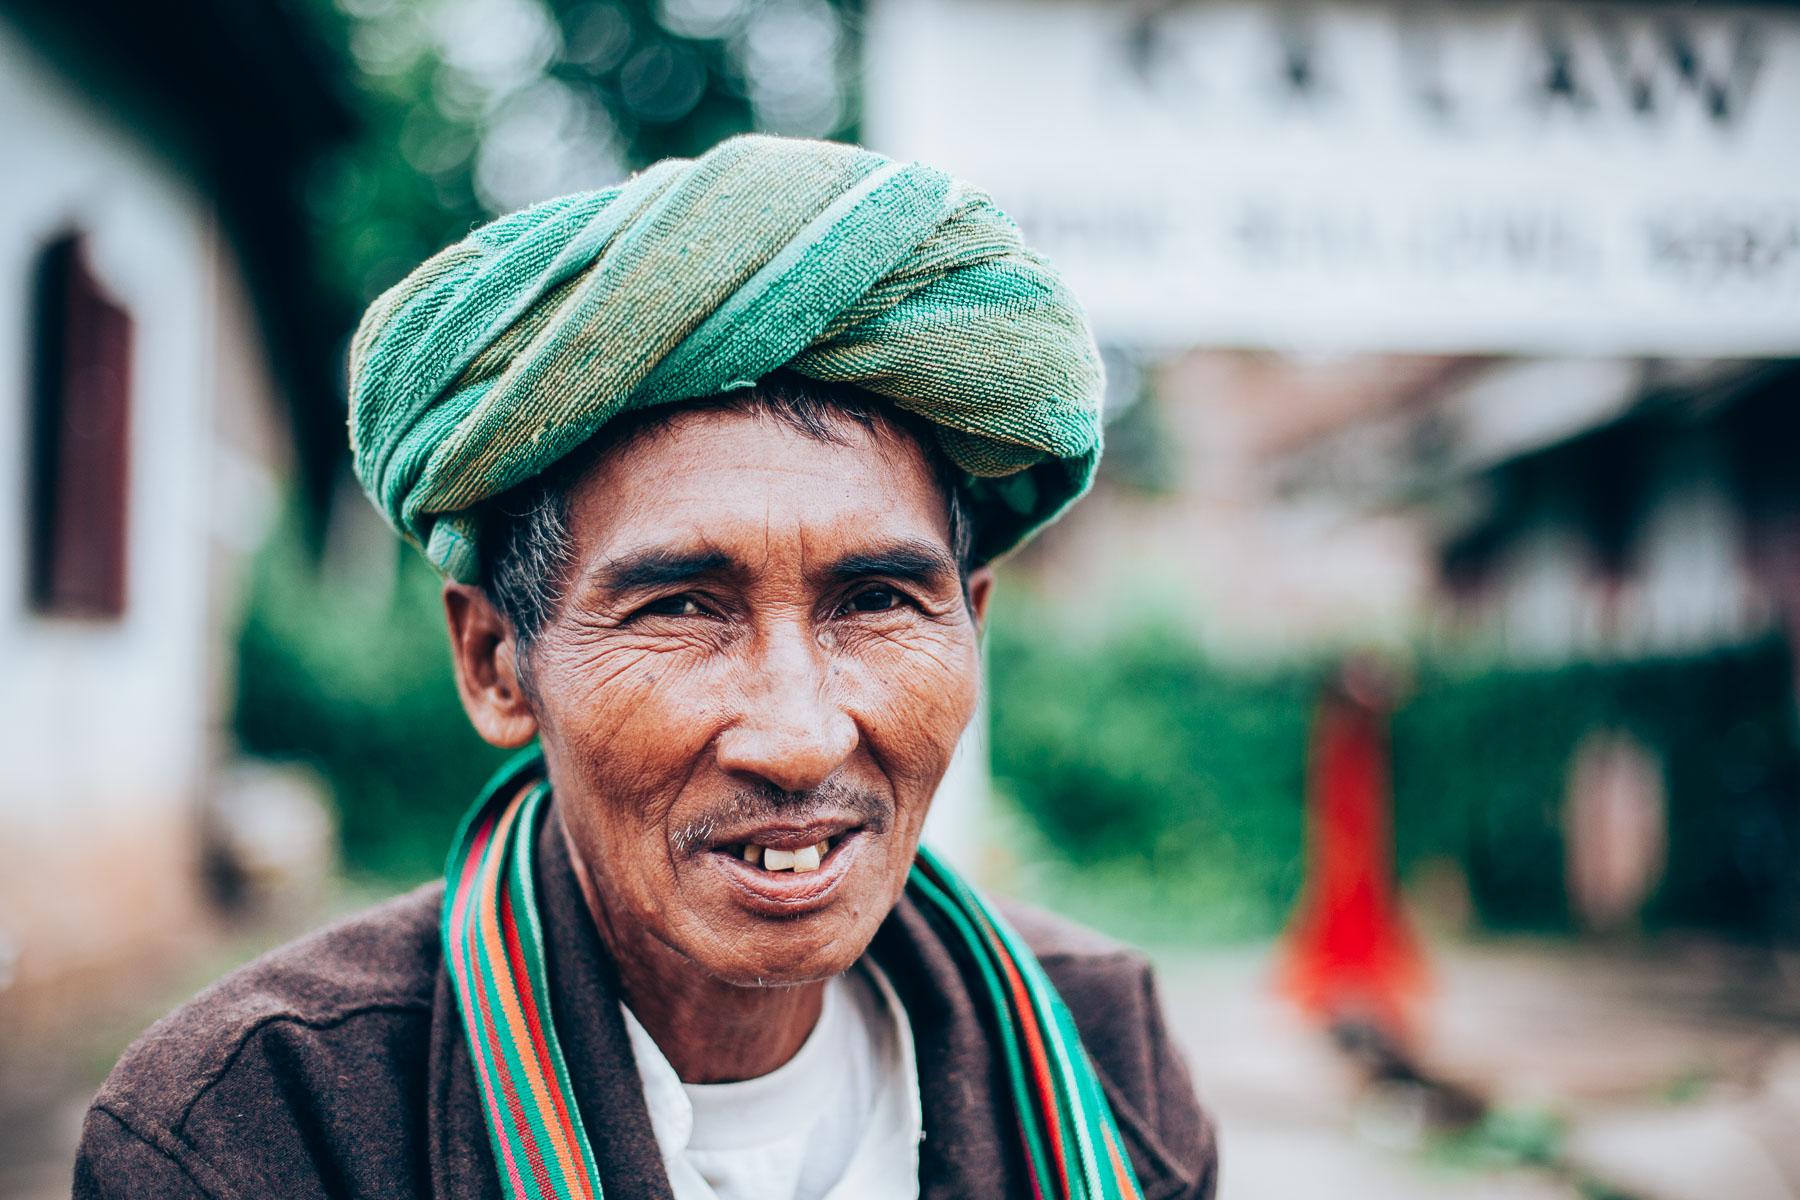 Myanmar smiles – pourquoi tous ces portraits